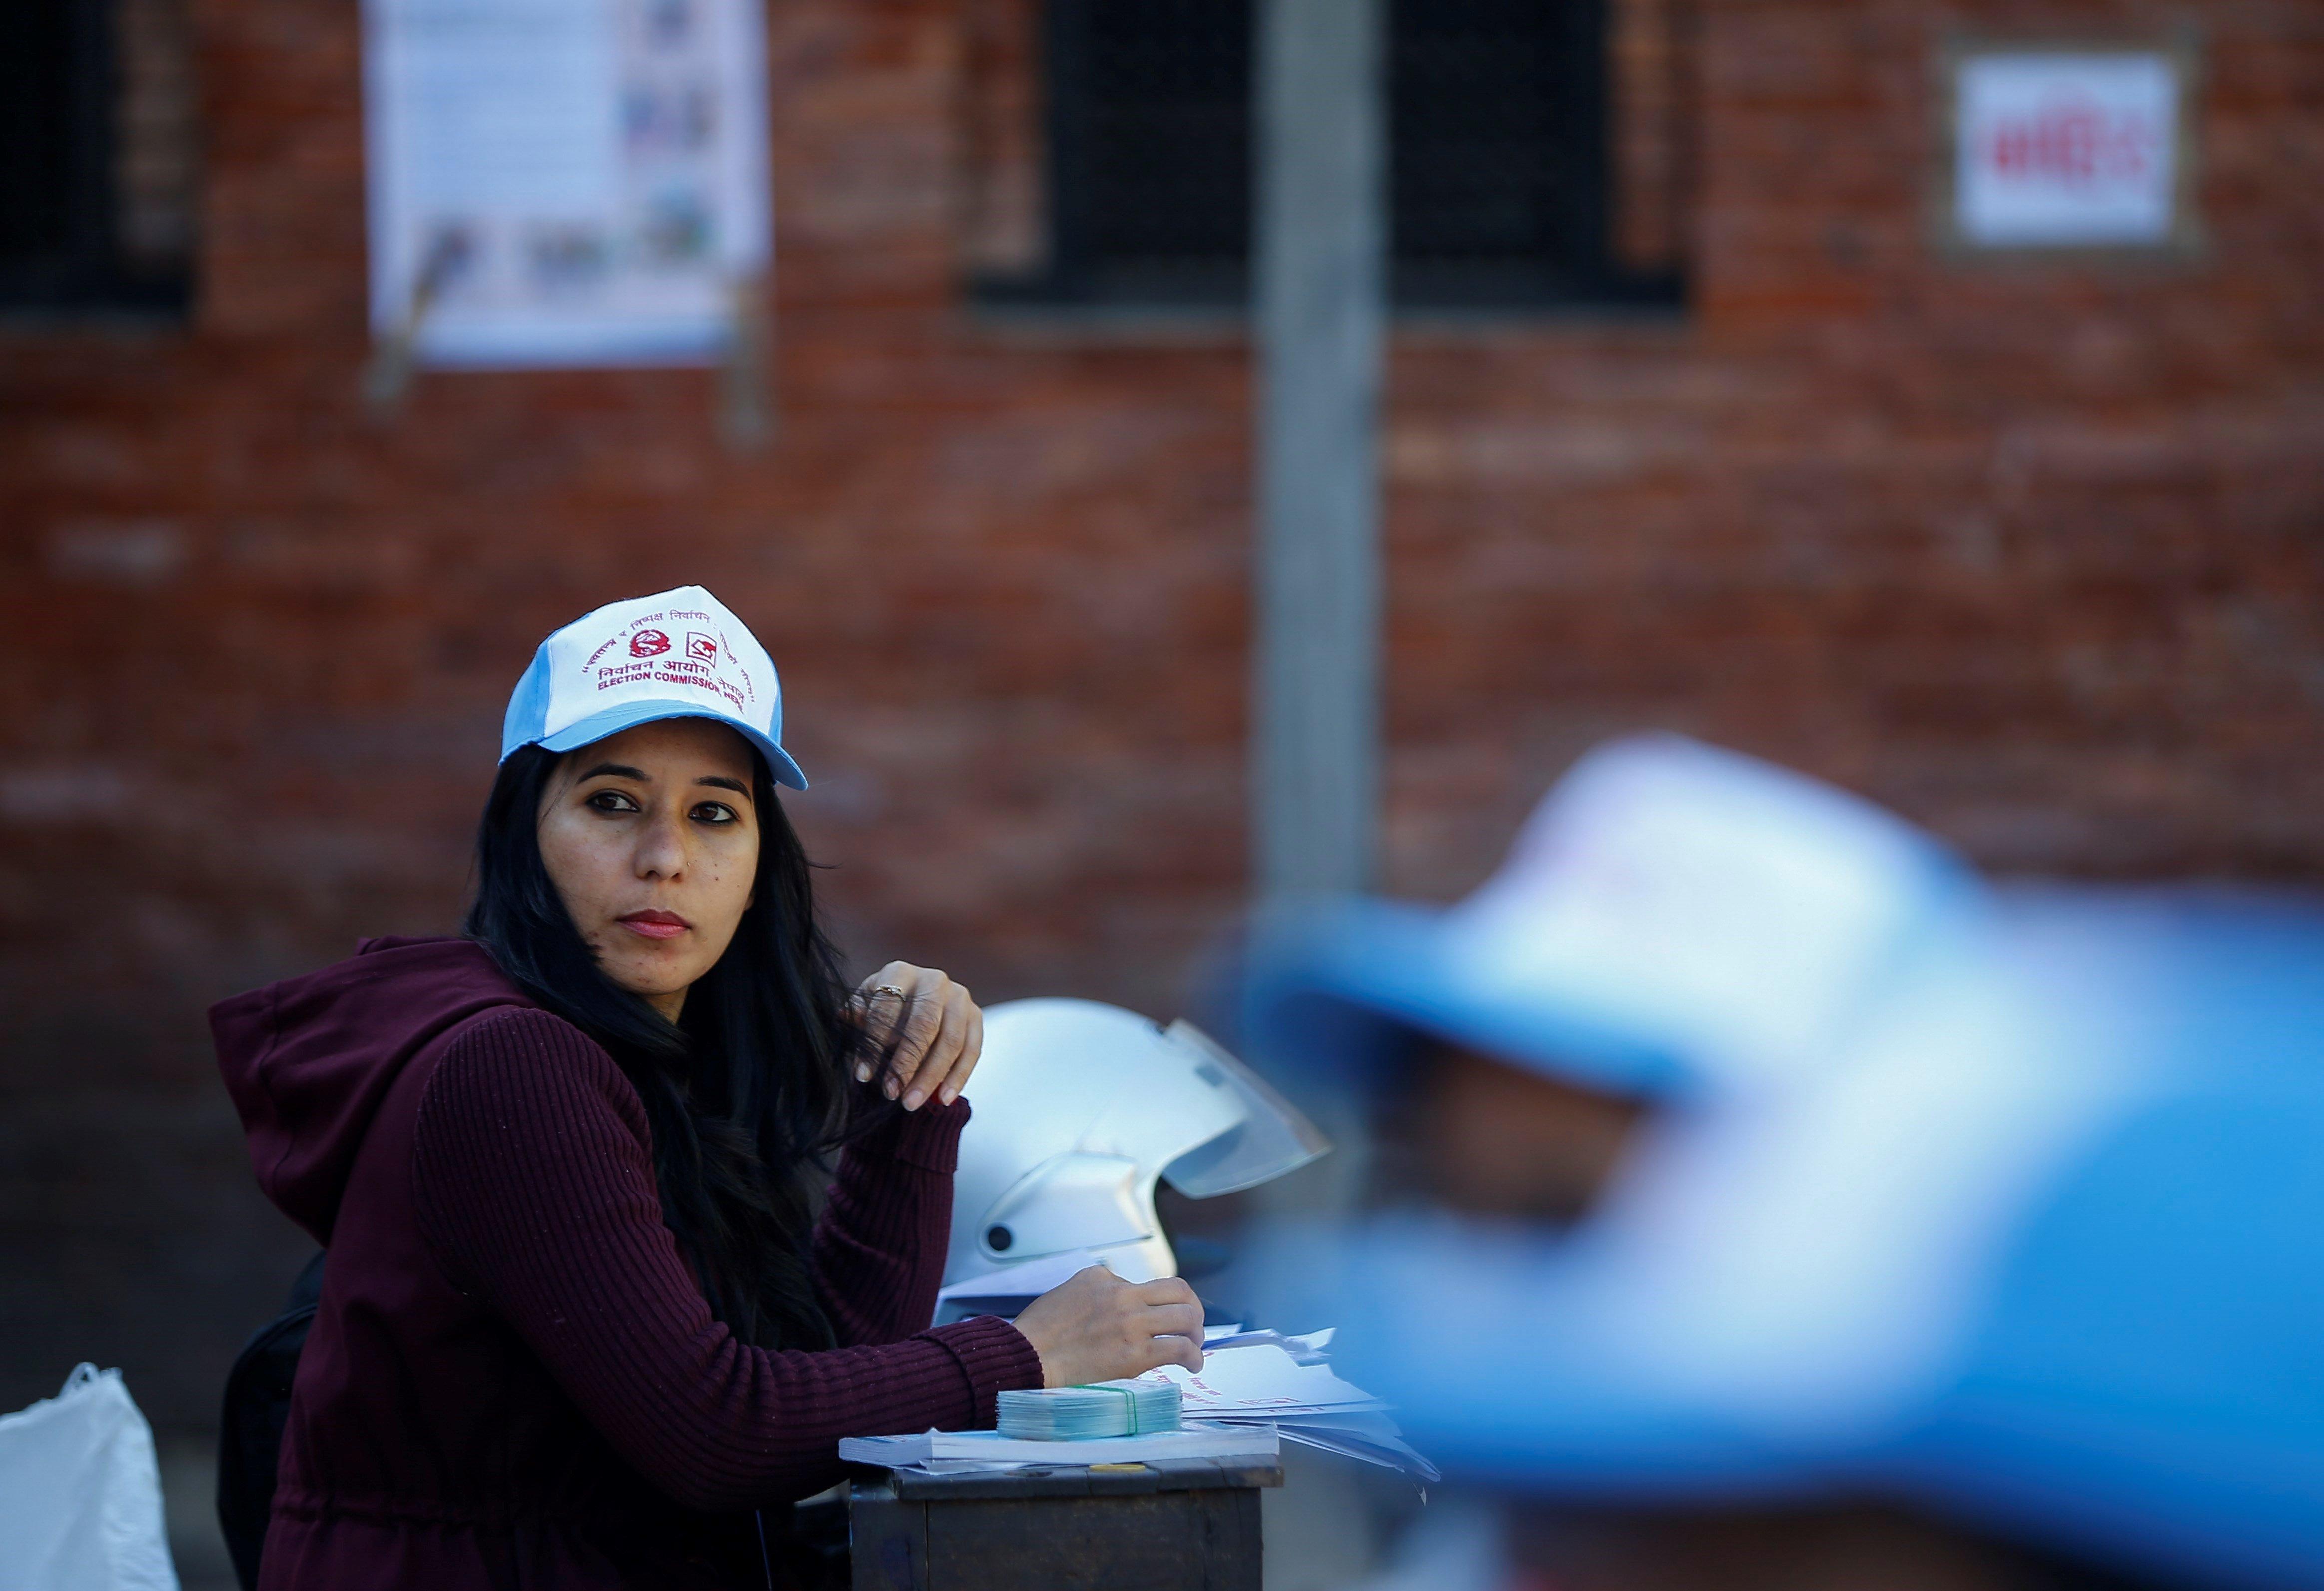 Una empleada electoral distribueix carnets d'identificació de votants la vesprada de les eleccions a Kàtmandu (Nepal). /NARENDRA SHRESTHA